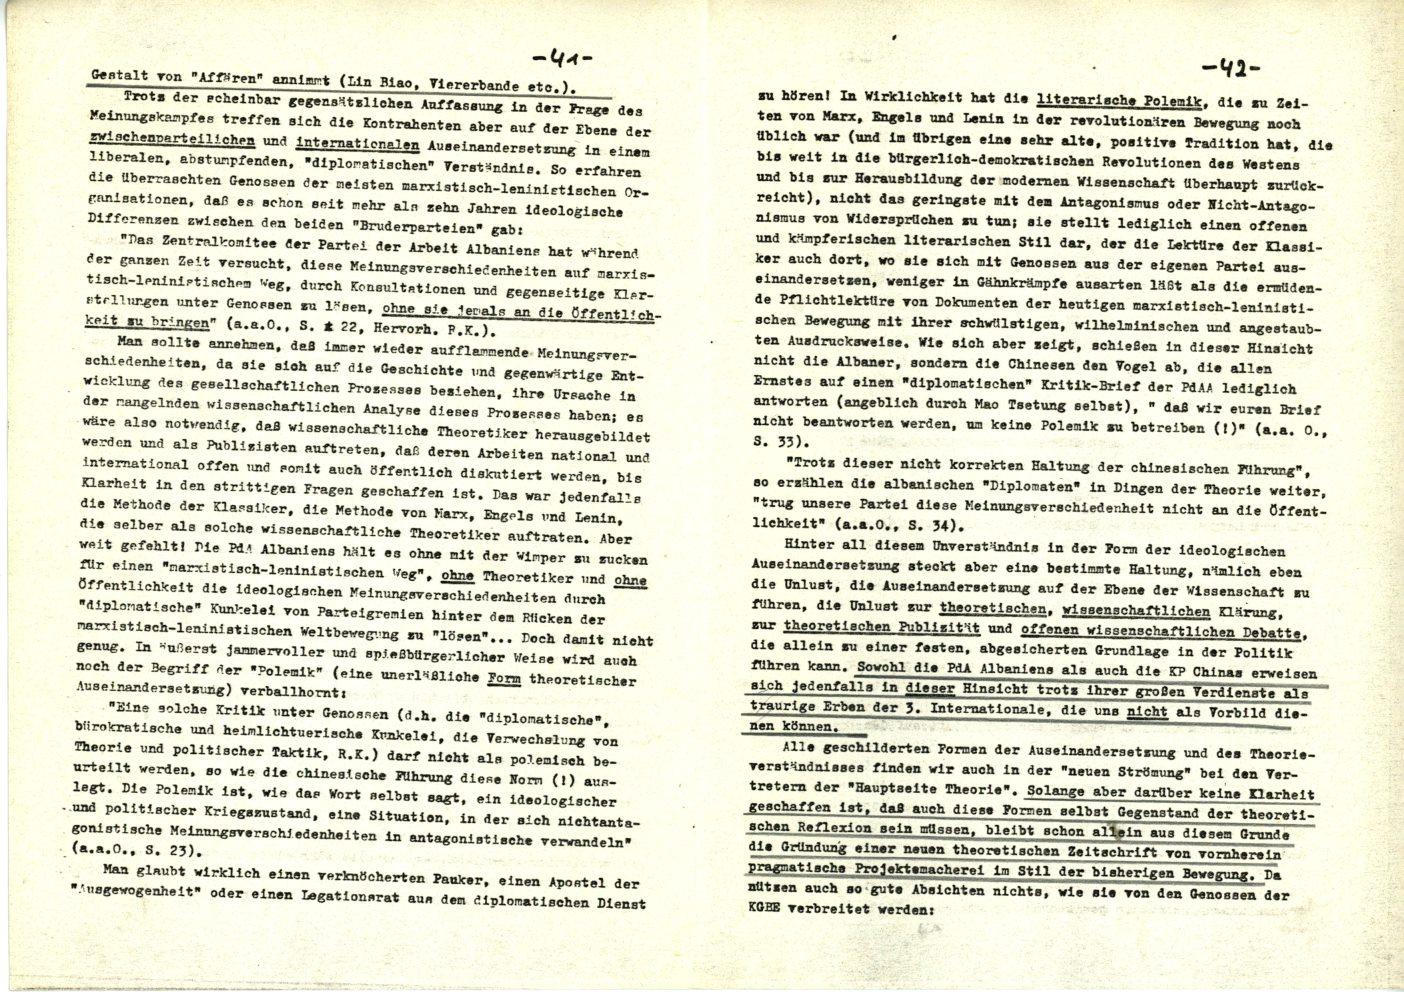 Nuernberg_Fuerth_Erlangen_ML_Diskussionsbeitraege_1978_01_22